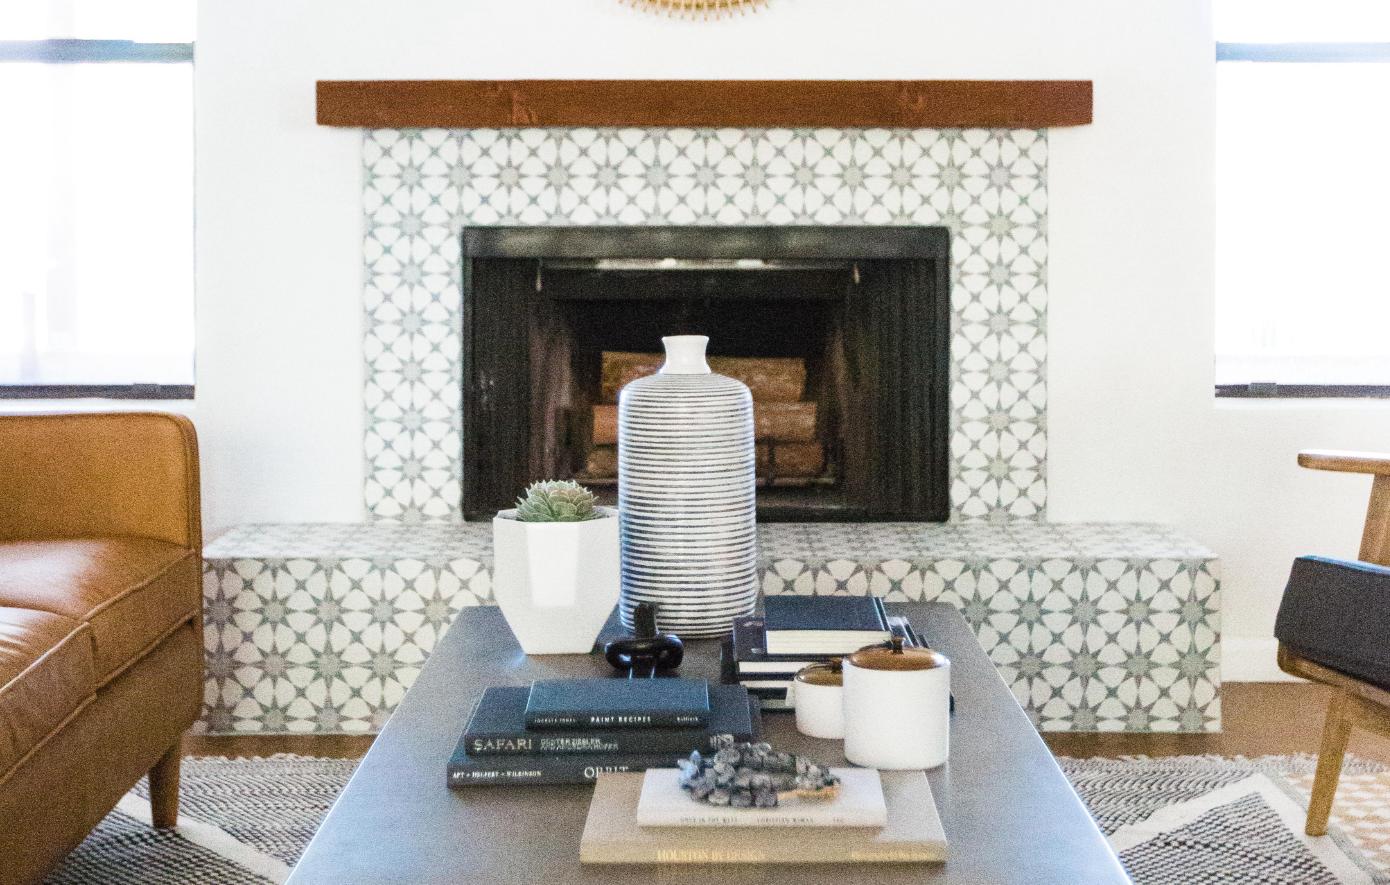 #8thStProj Styled Fireplace